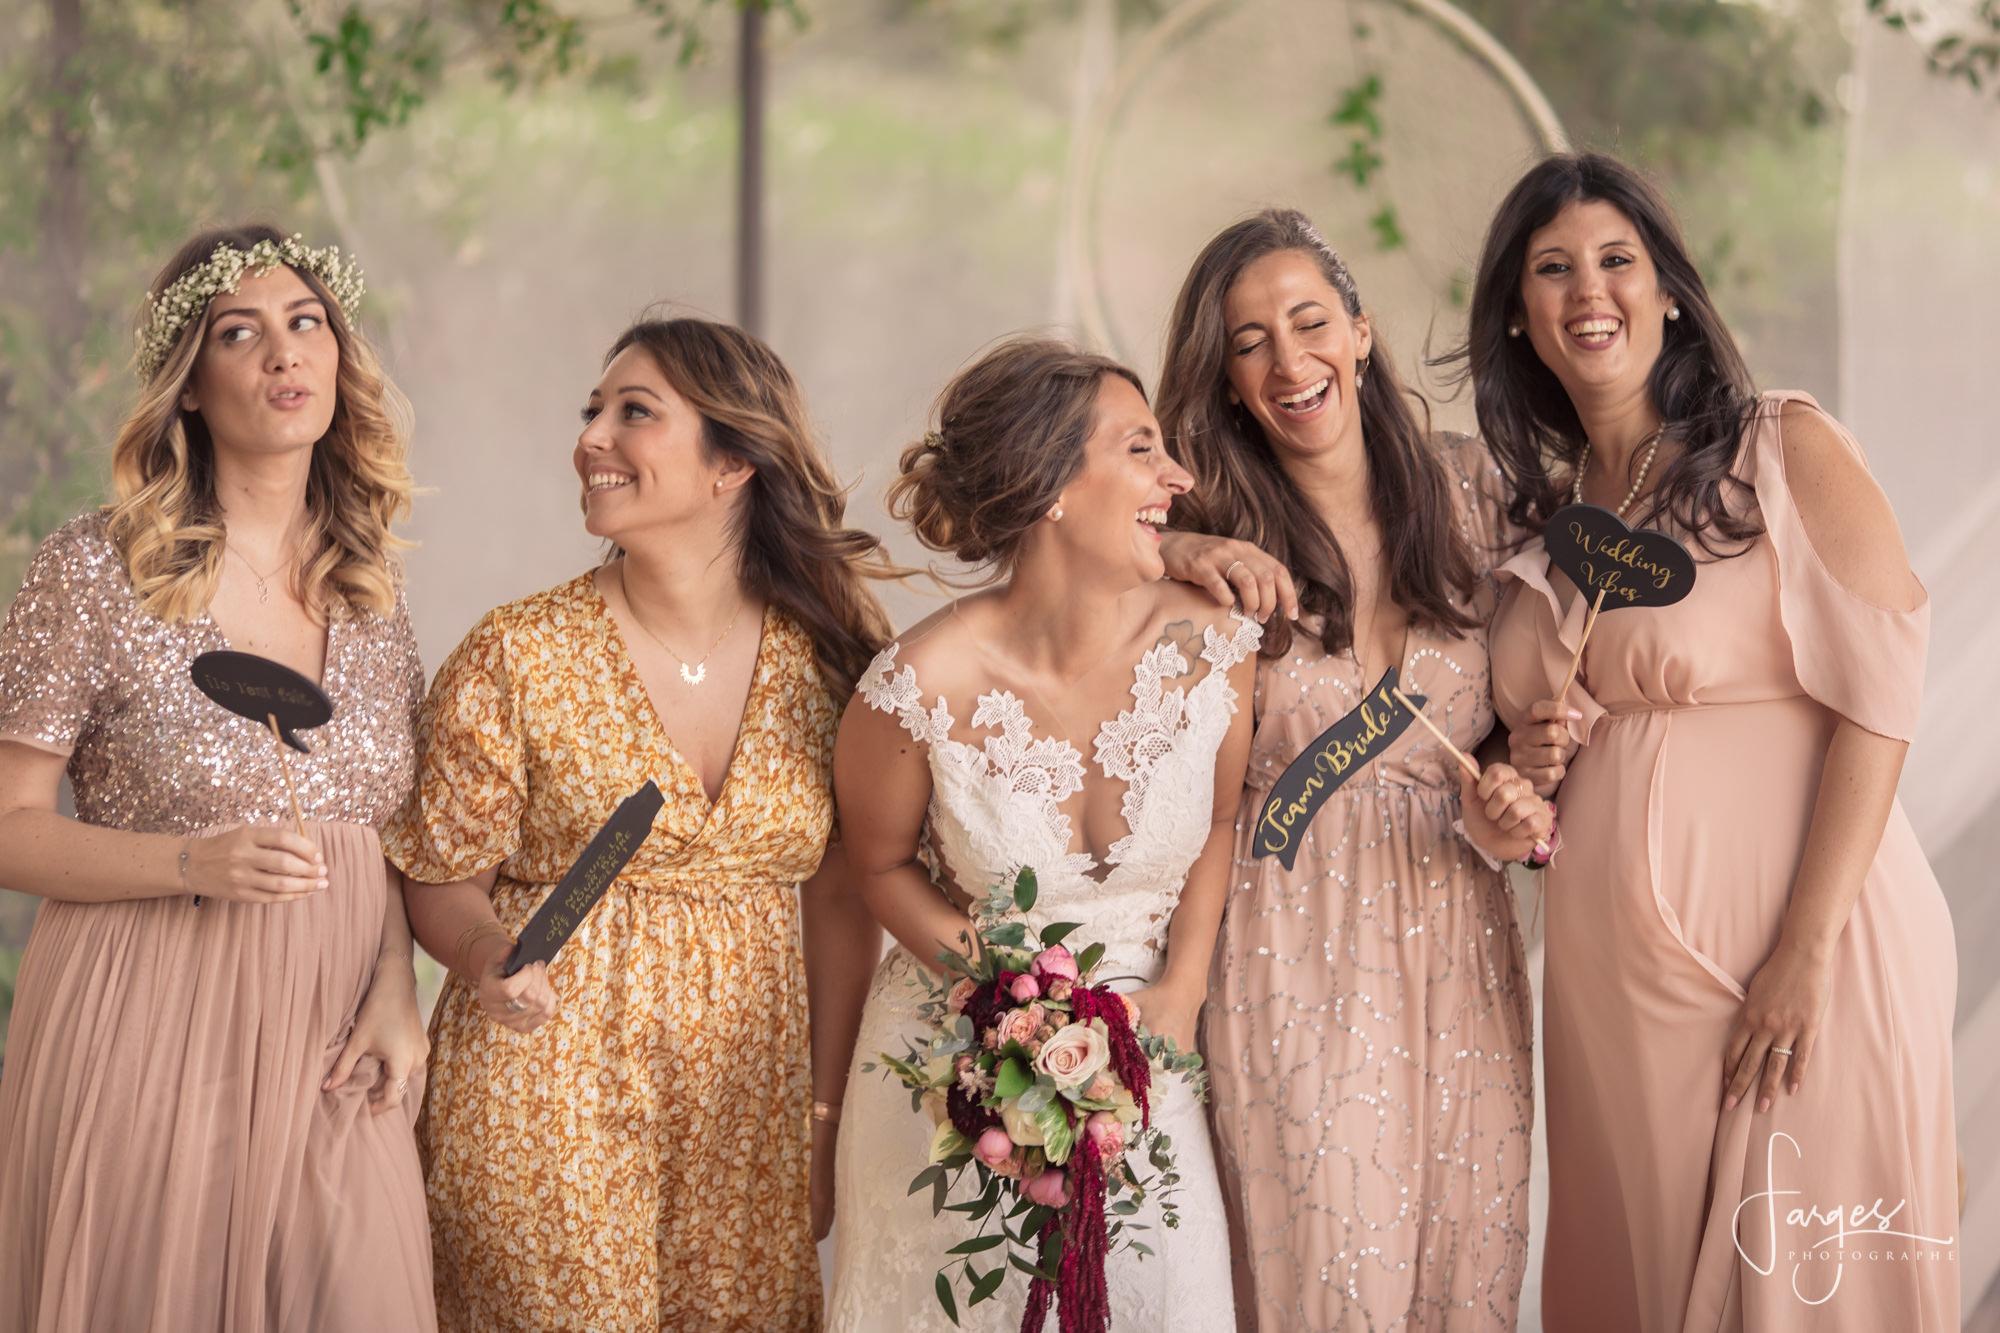 mariage-image-provence-bride-mariee-demoiselles-honneur-rire-lieu-reception-13